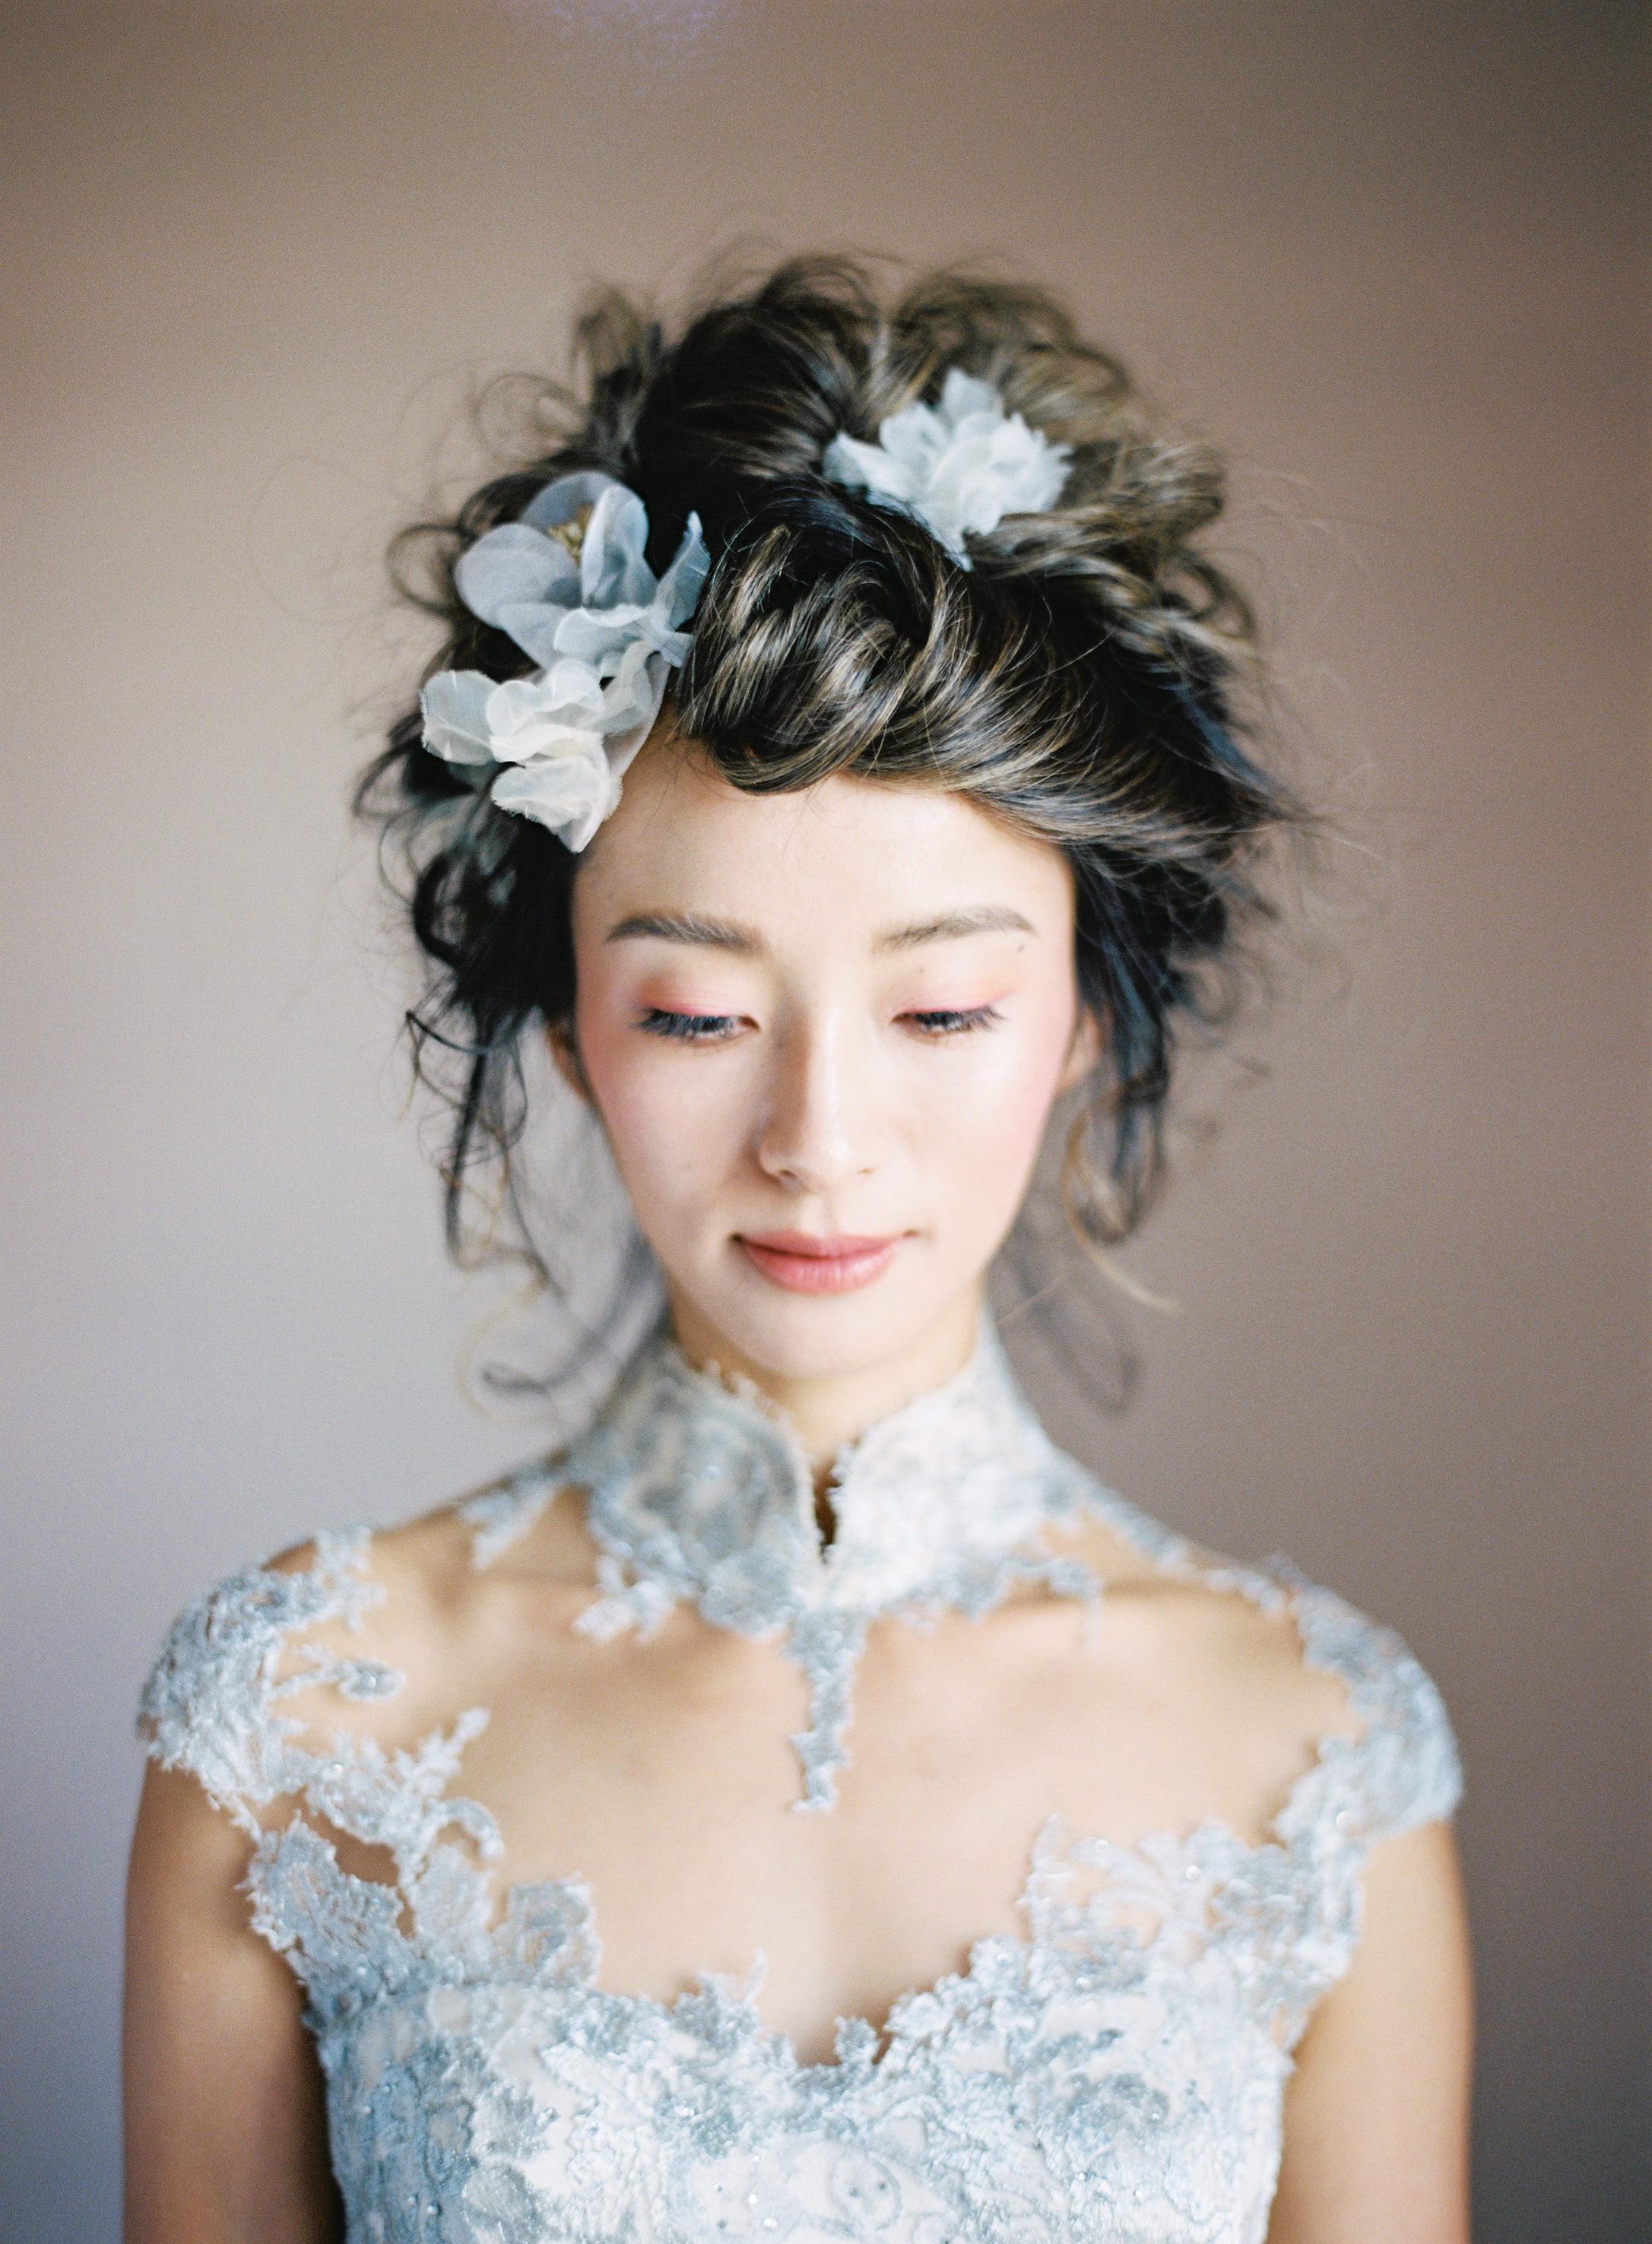 Downcast eyes bride portrait - photo by Jen Huang